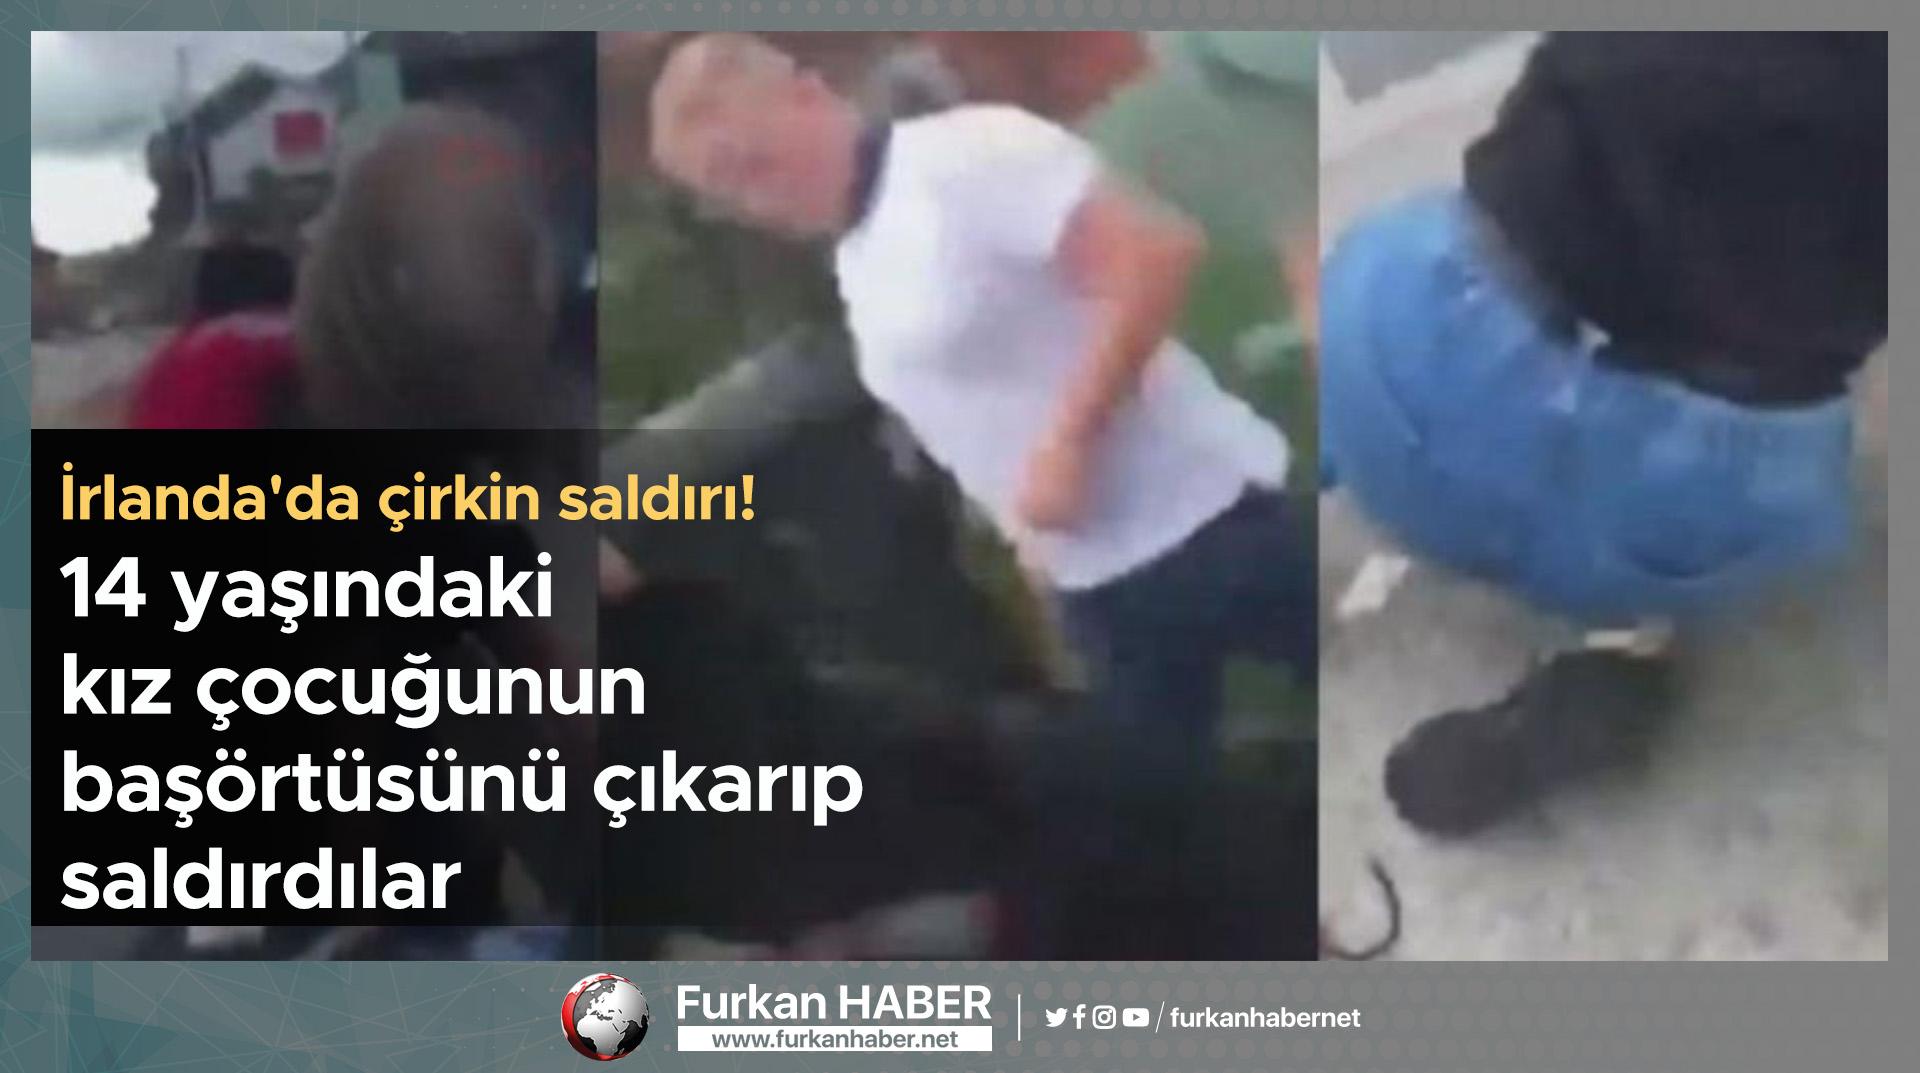 İrlanda'da çirkin saldırı! 14 yaşındaki kız çocuğunun başörtüsünü çıkarıp saldırdılar